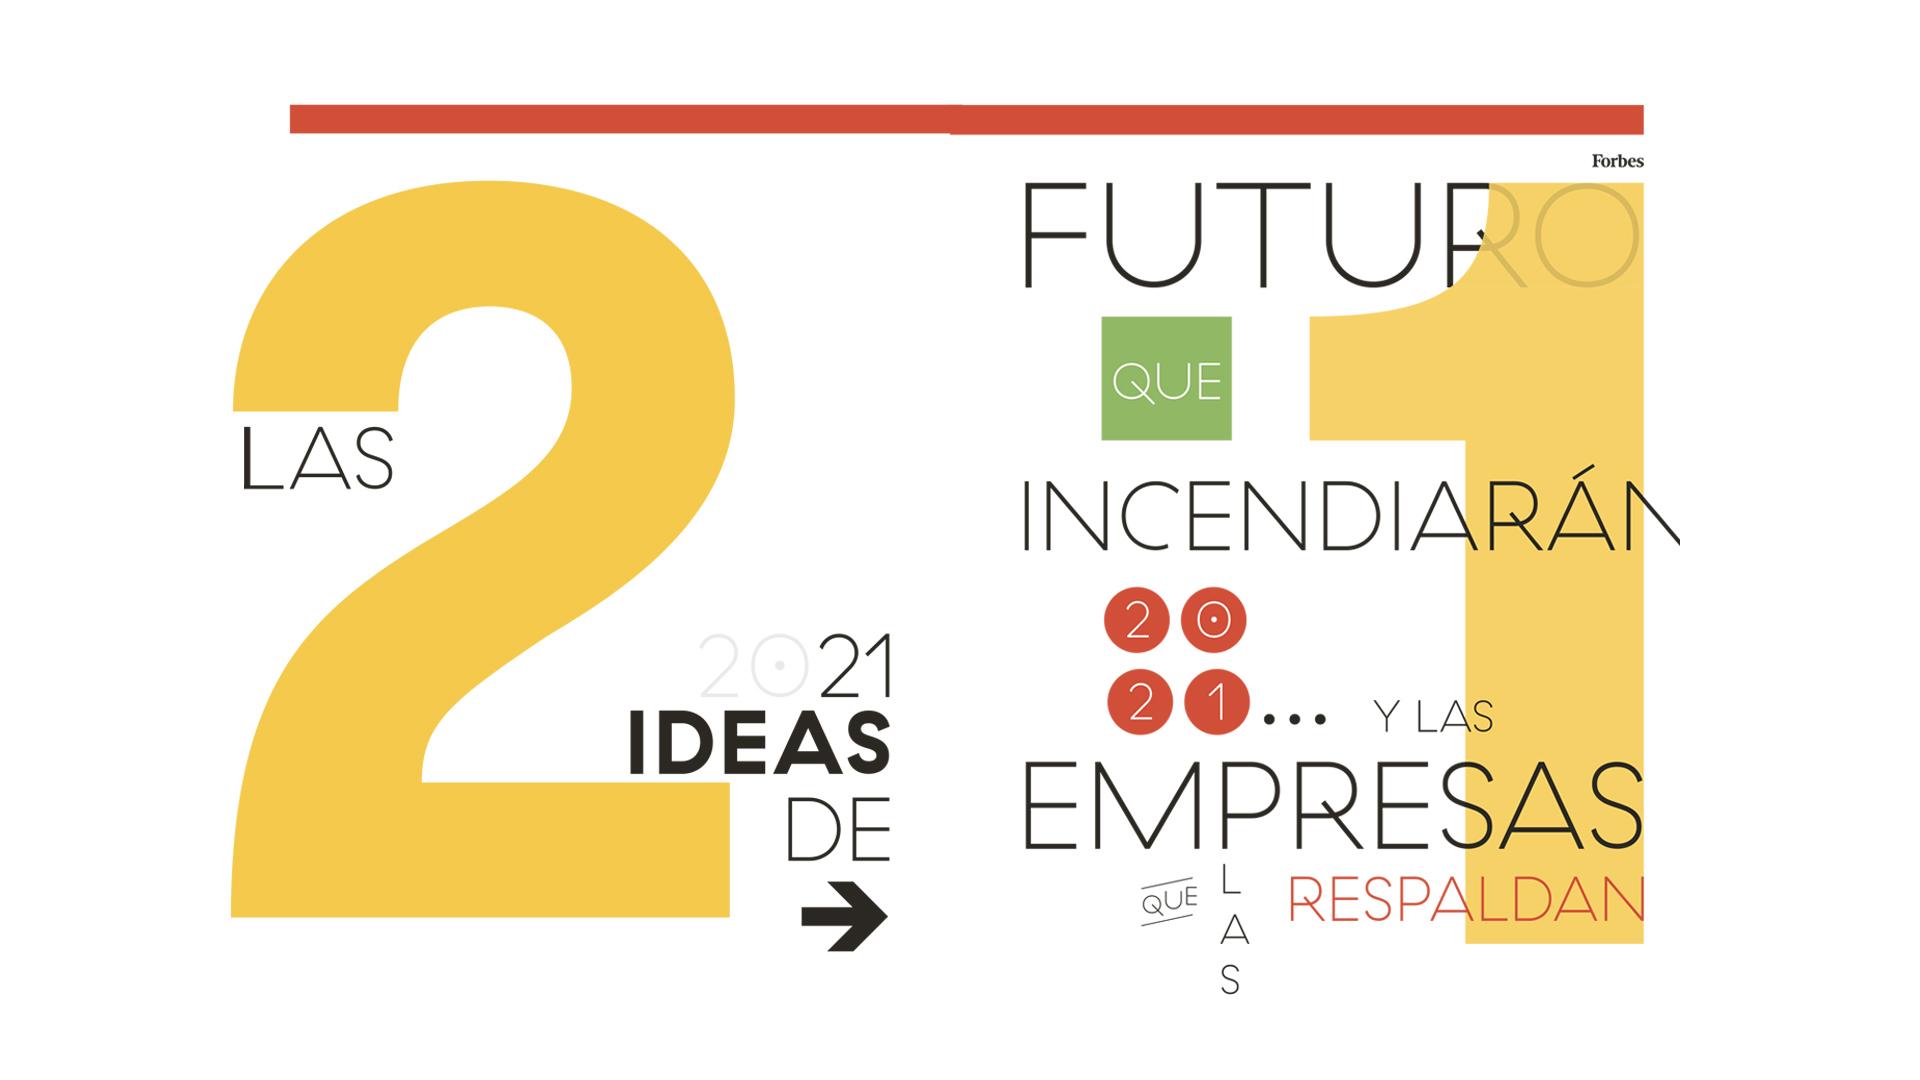 21 ideas de futuro que marcarán 2021. Forbes 80